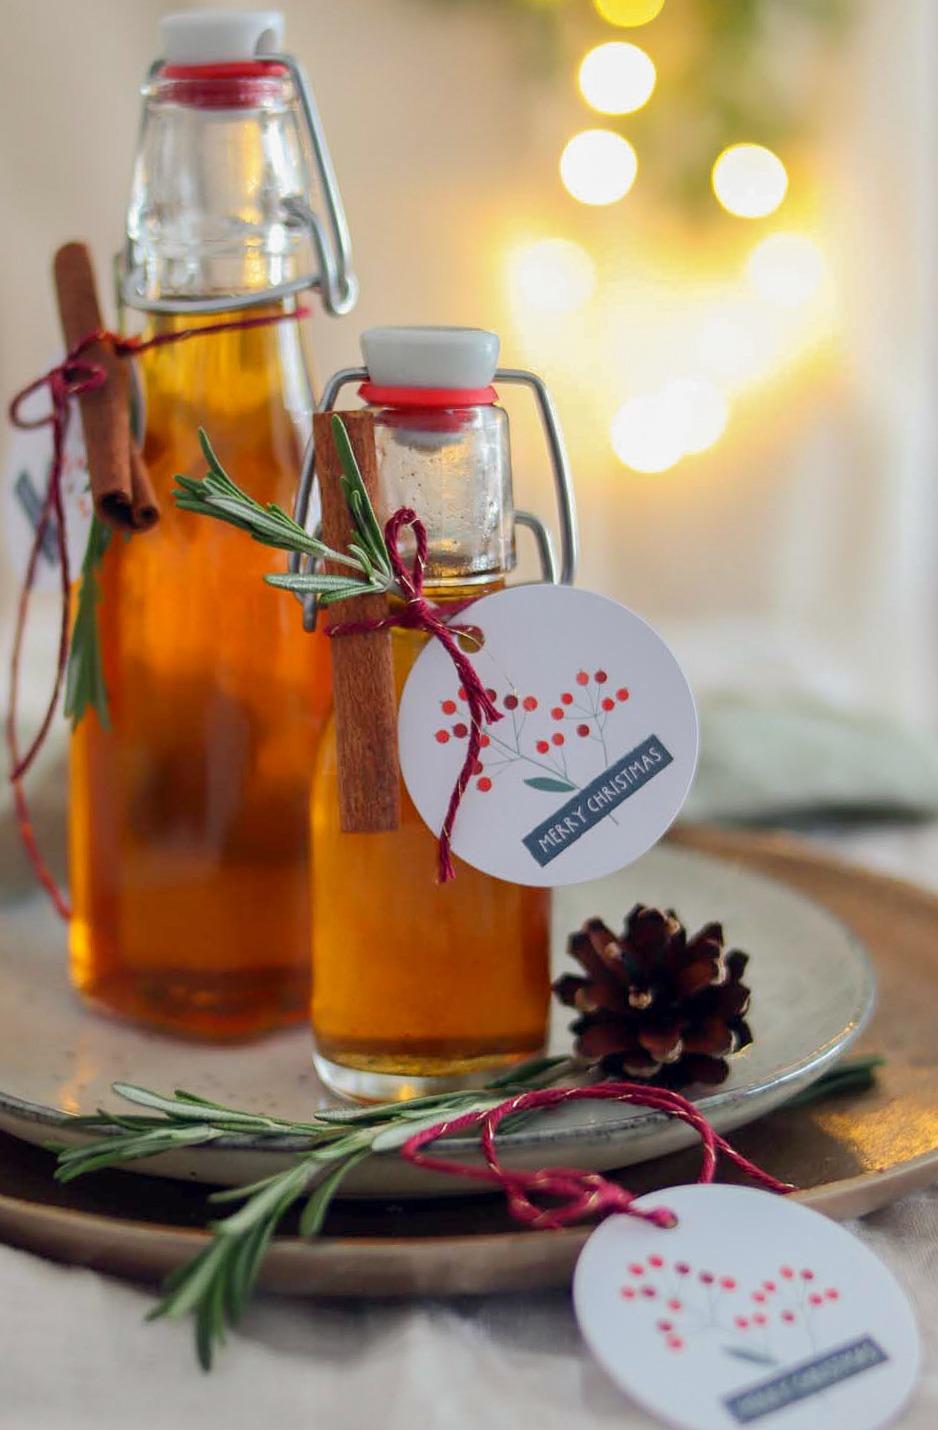 Sirup selber machen: Geschenk aus der Küche selbstgemachter Zimtsirup. Der perfekte Sirup für Weihnachten als Geschenk.